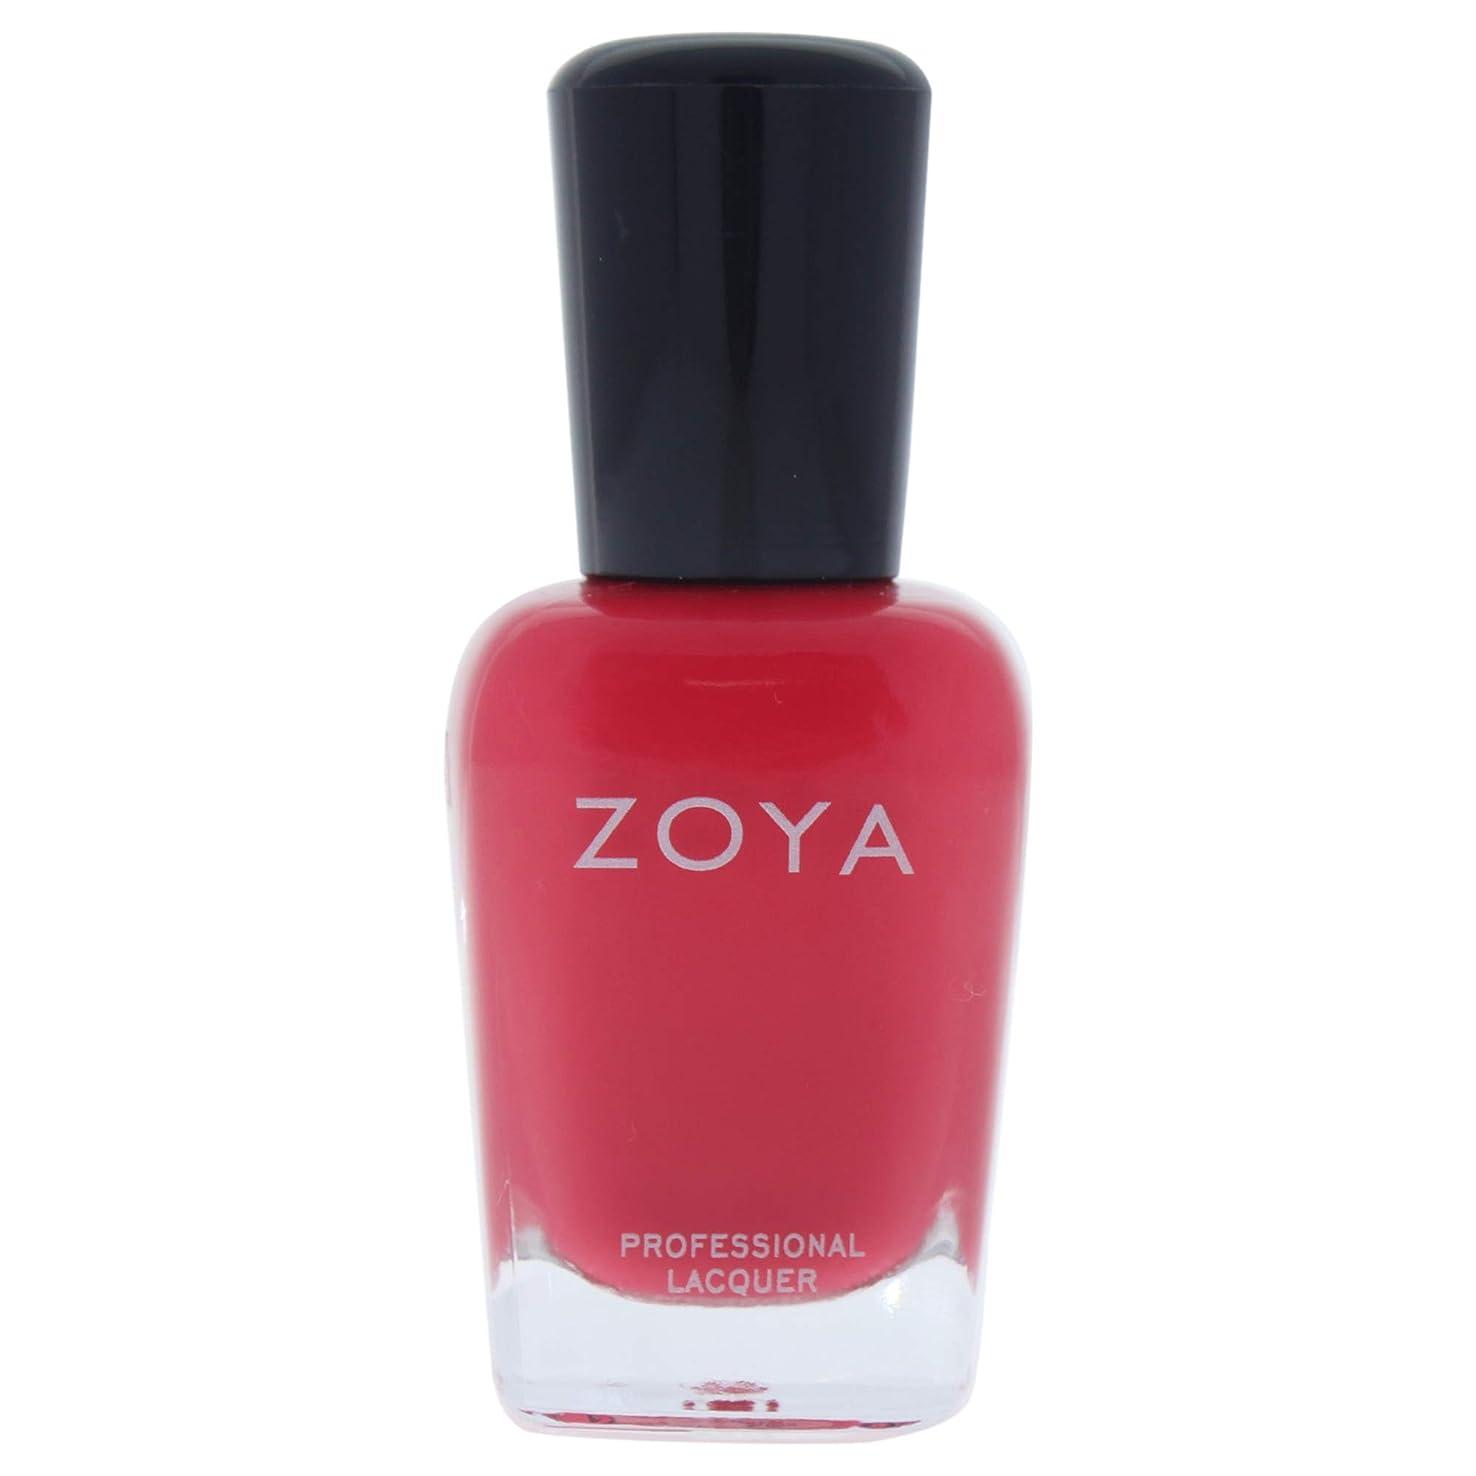 生じるうまくいけばドリンクZOYA ゾーヤ ネイルカラーZP443(LC) 15ml コーラルレッド マット 爪にやさしいネイルラッカーマニキュア